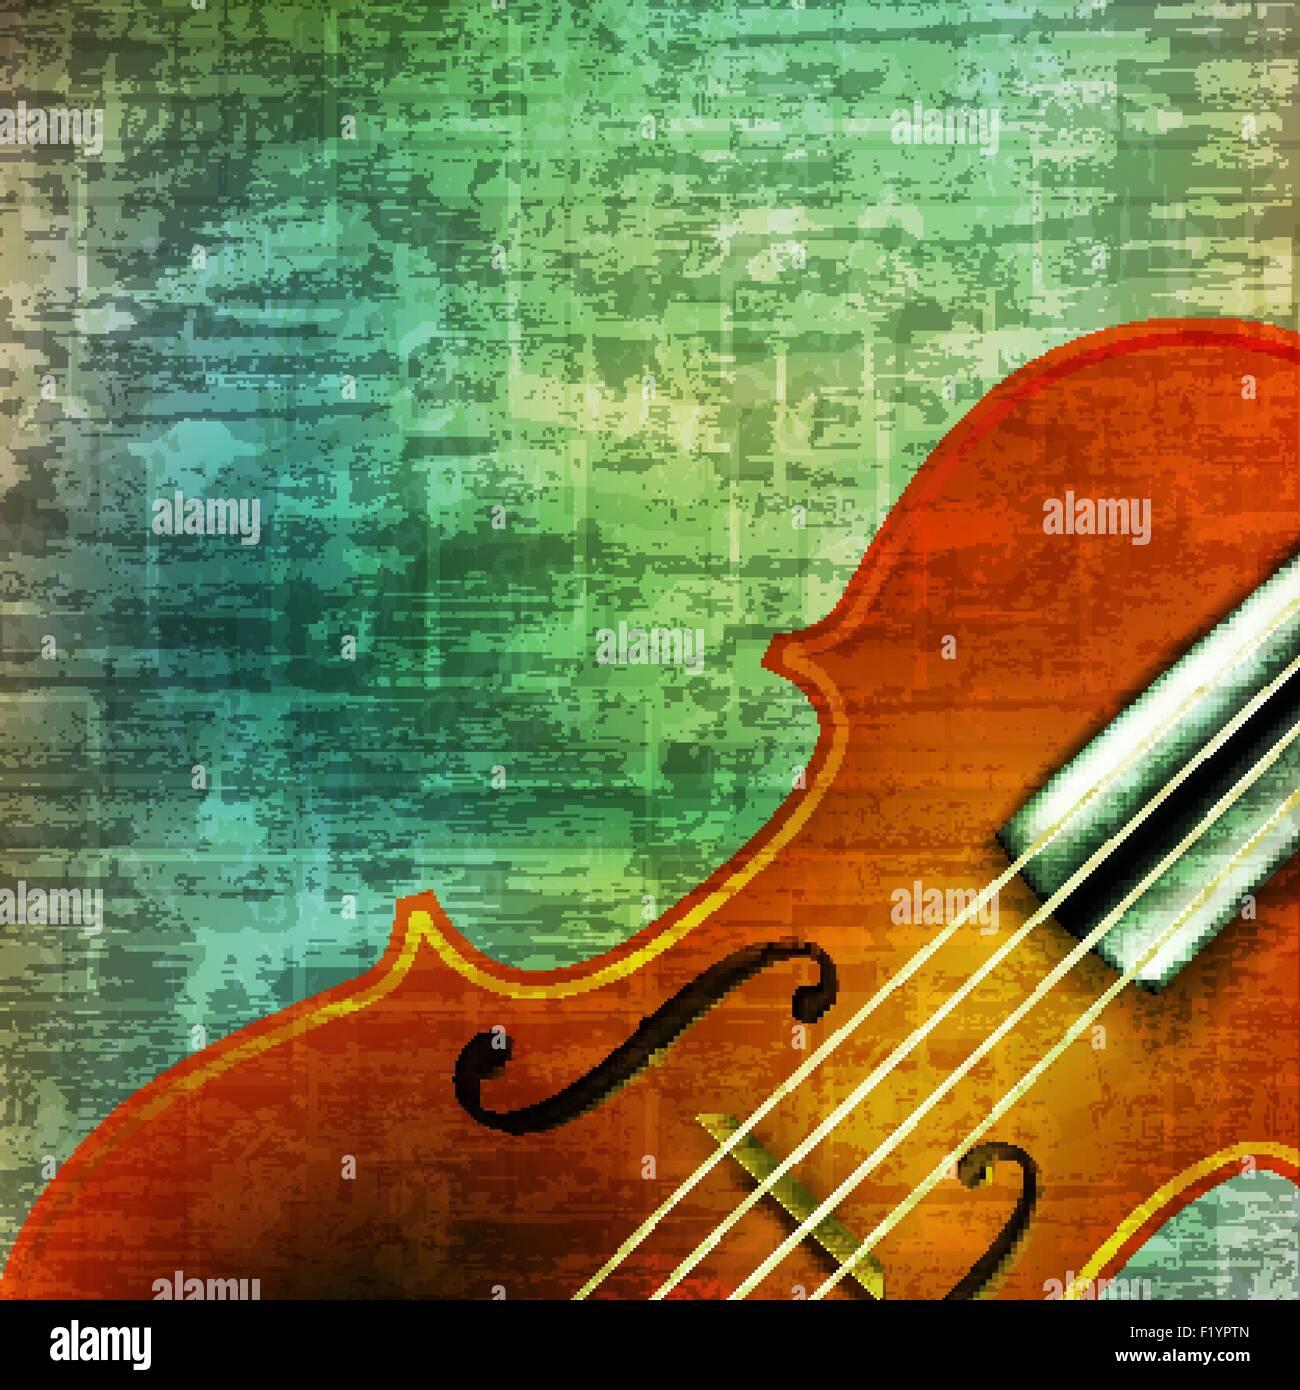 Piano vector vectors immagini piano vector vectors fotos - Immagini violino a colori ...